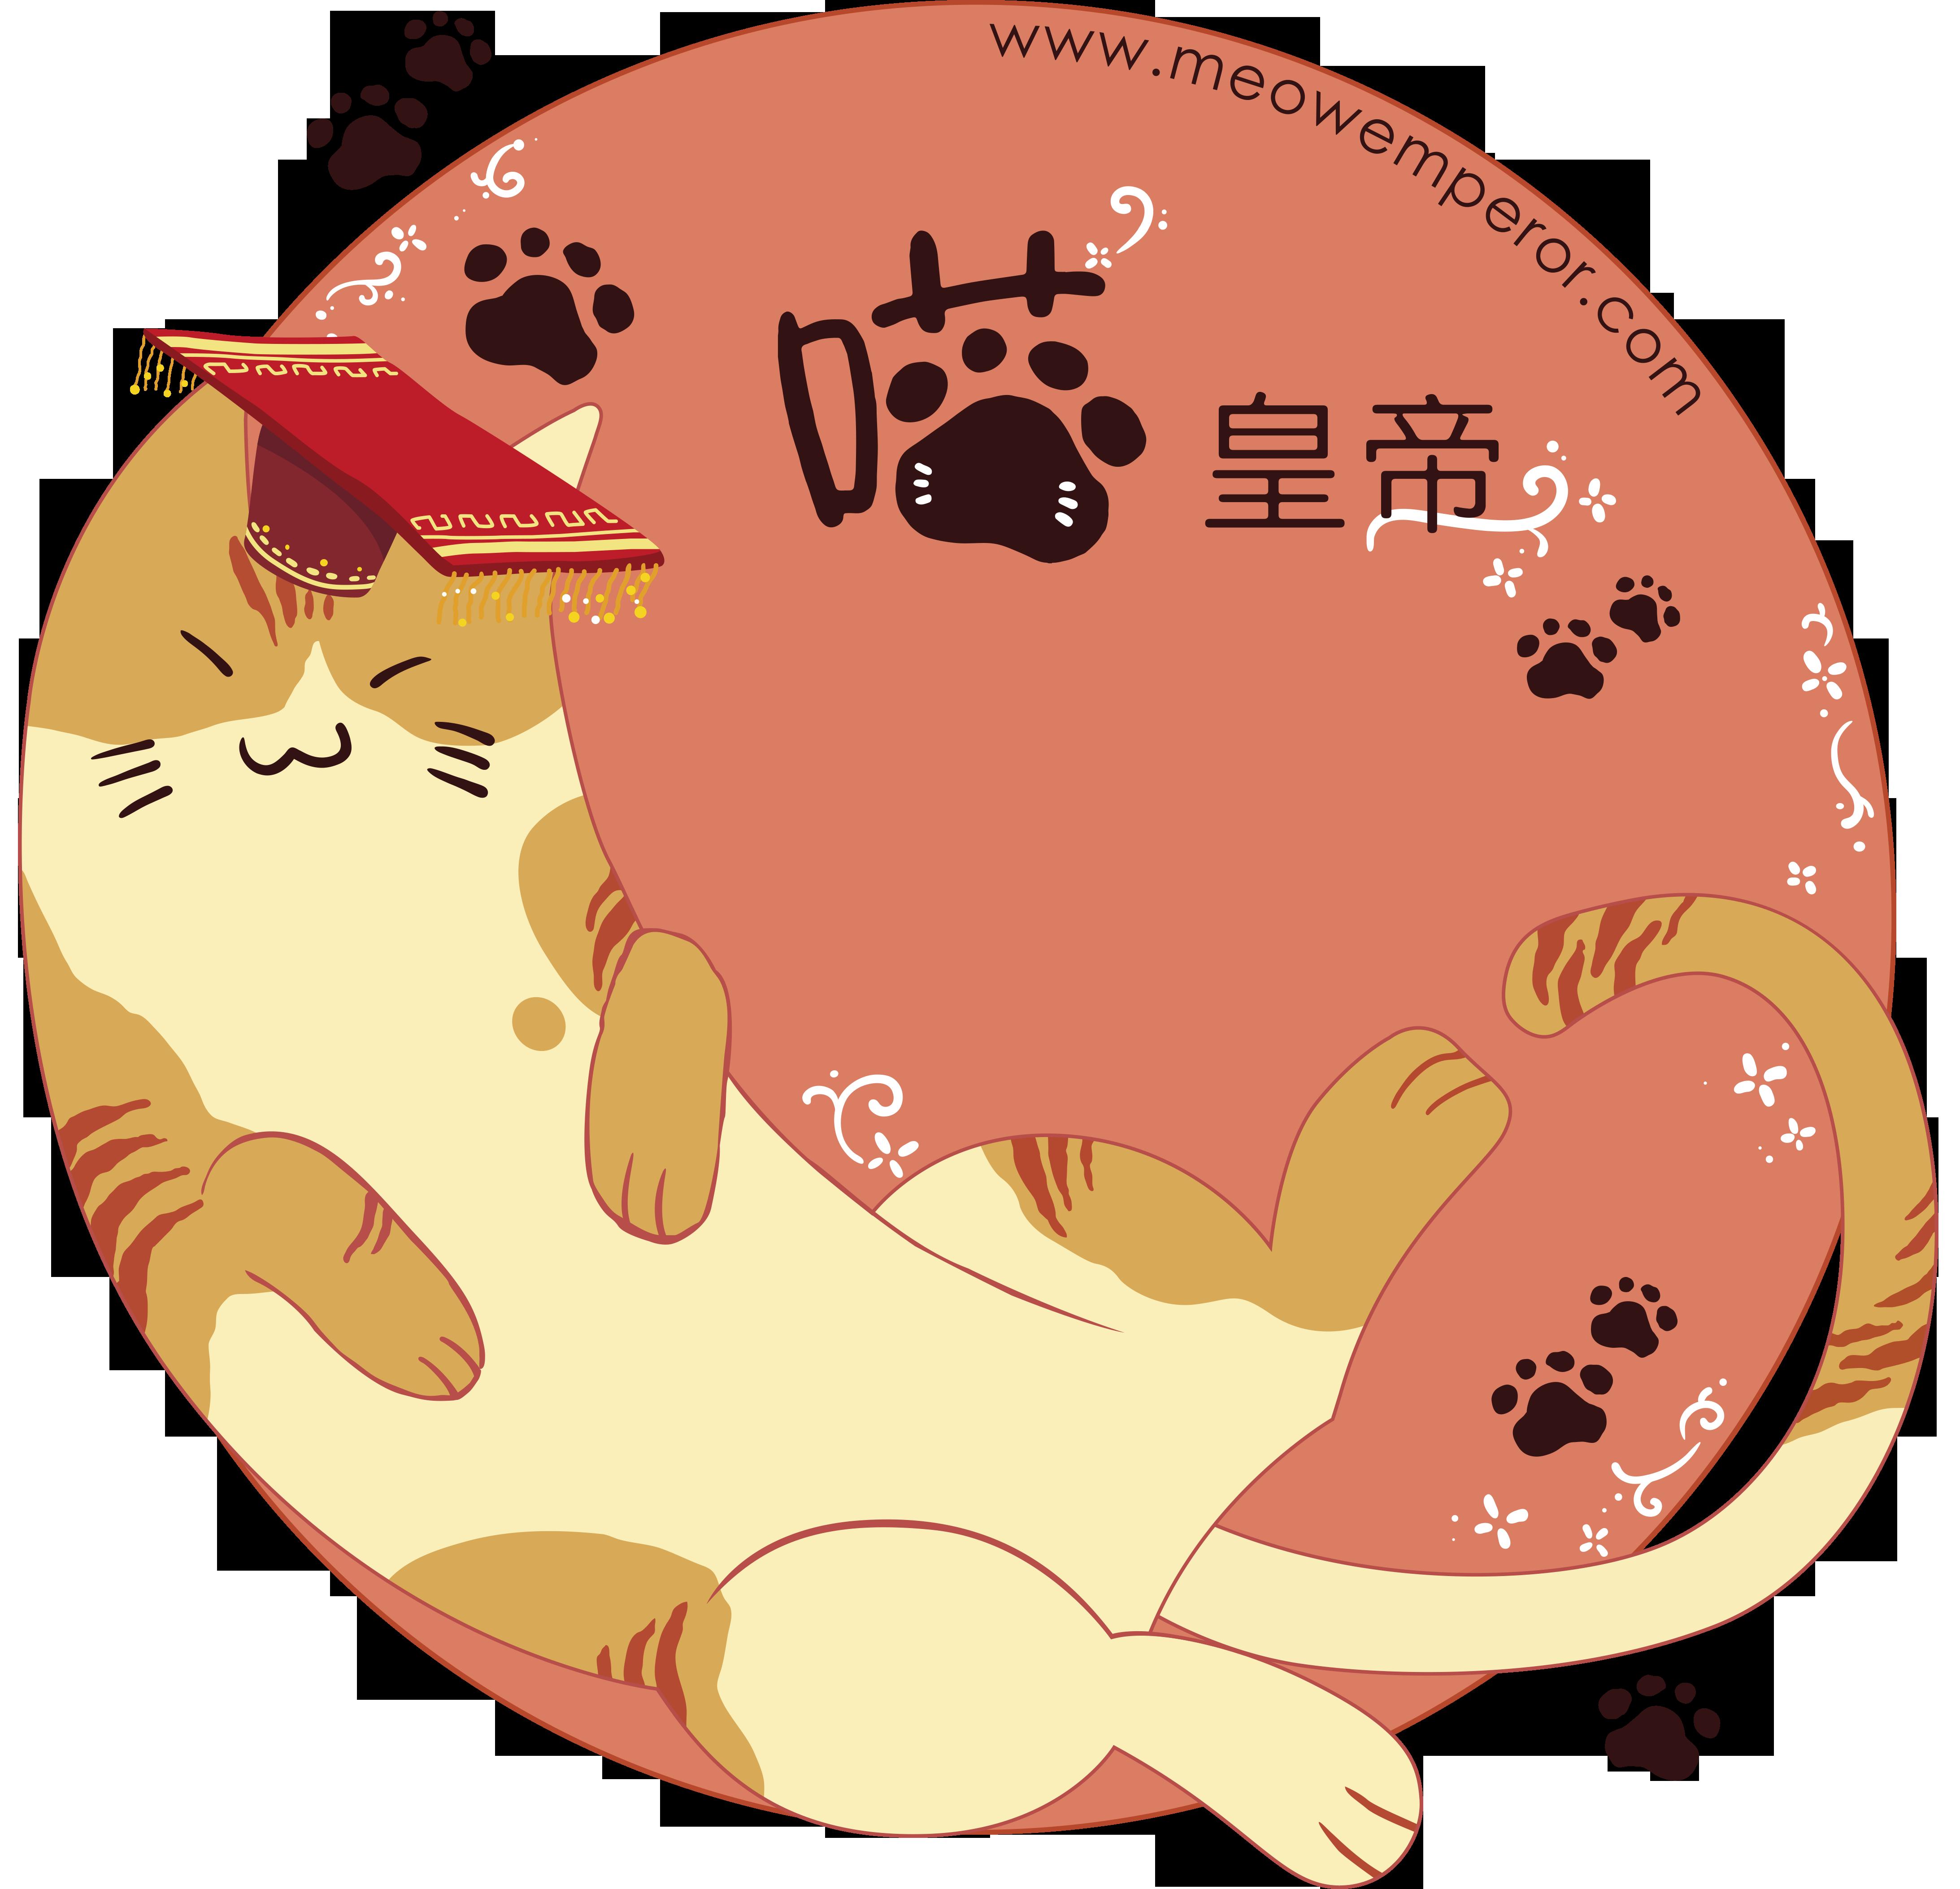 喵皇帝 MeowEmperor:猫用品の専門店